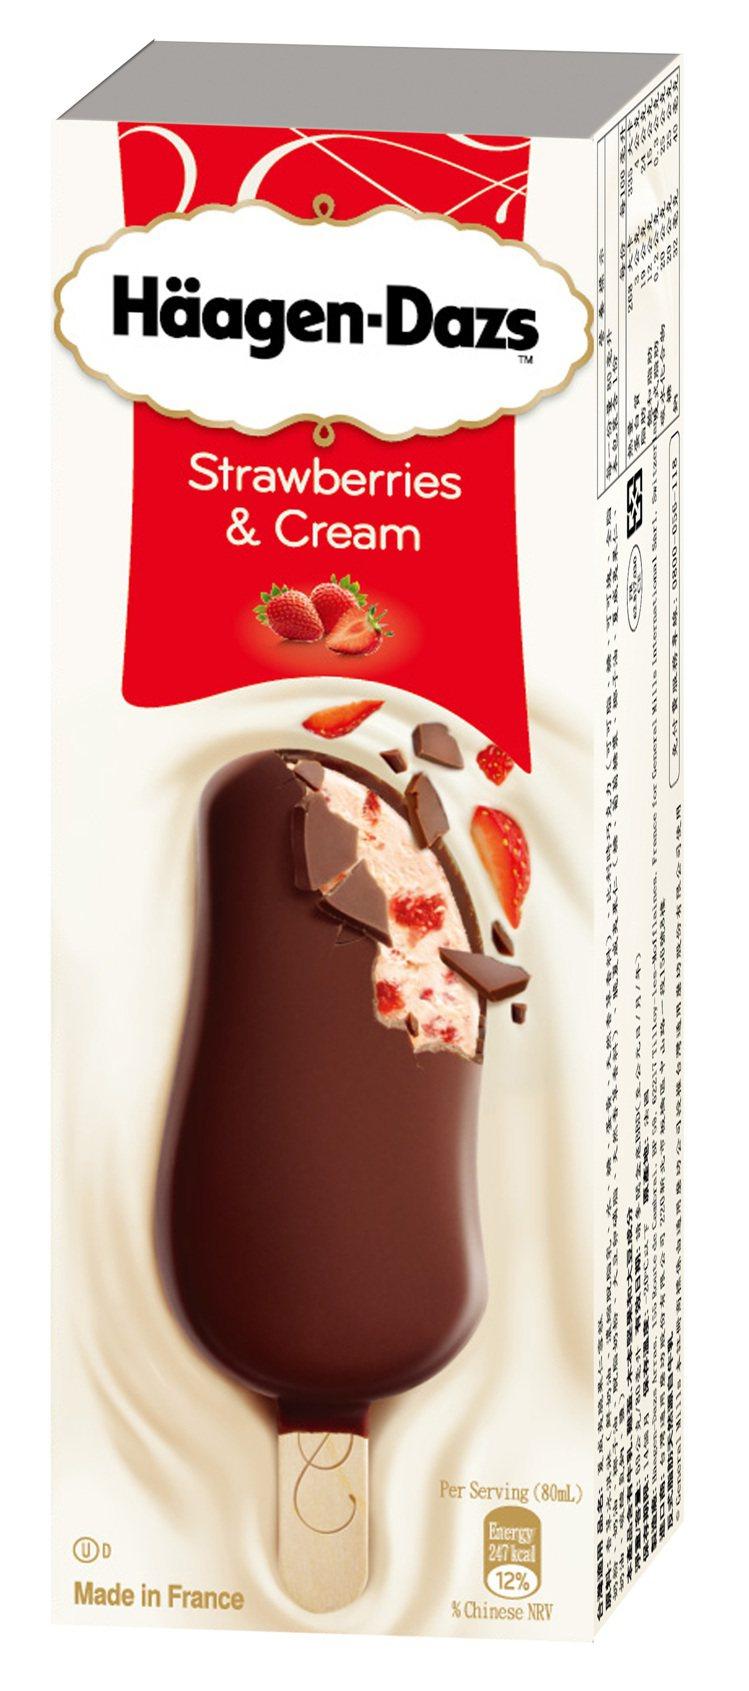 萊爾富即日起至5月23日獨家推出「哈根達斯雪糕買2送2」活動,圖為哈根達斯草莓雪...